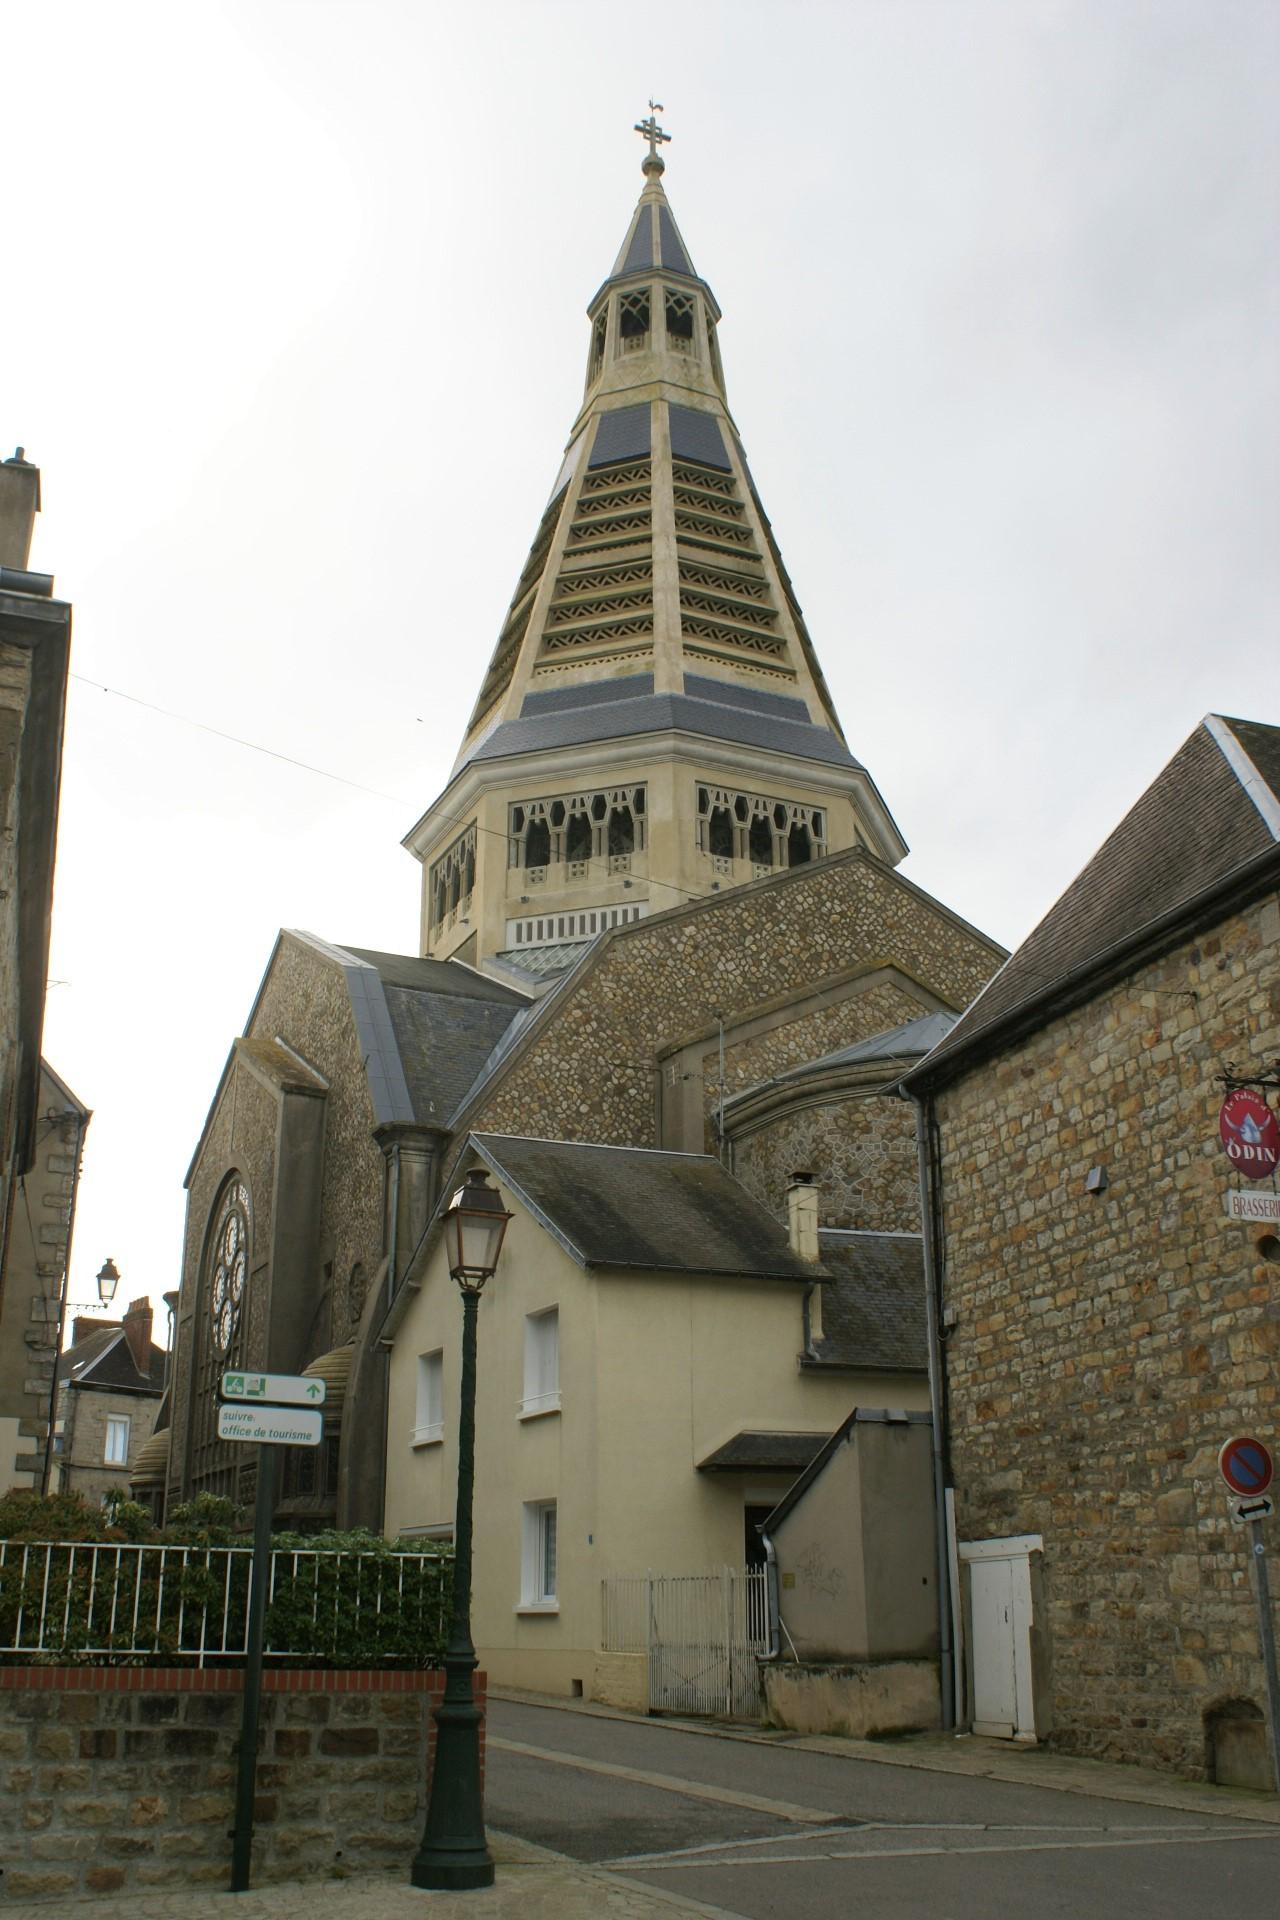 Eglise de Saint Junien, Domfront, Normandie